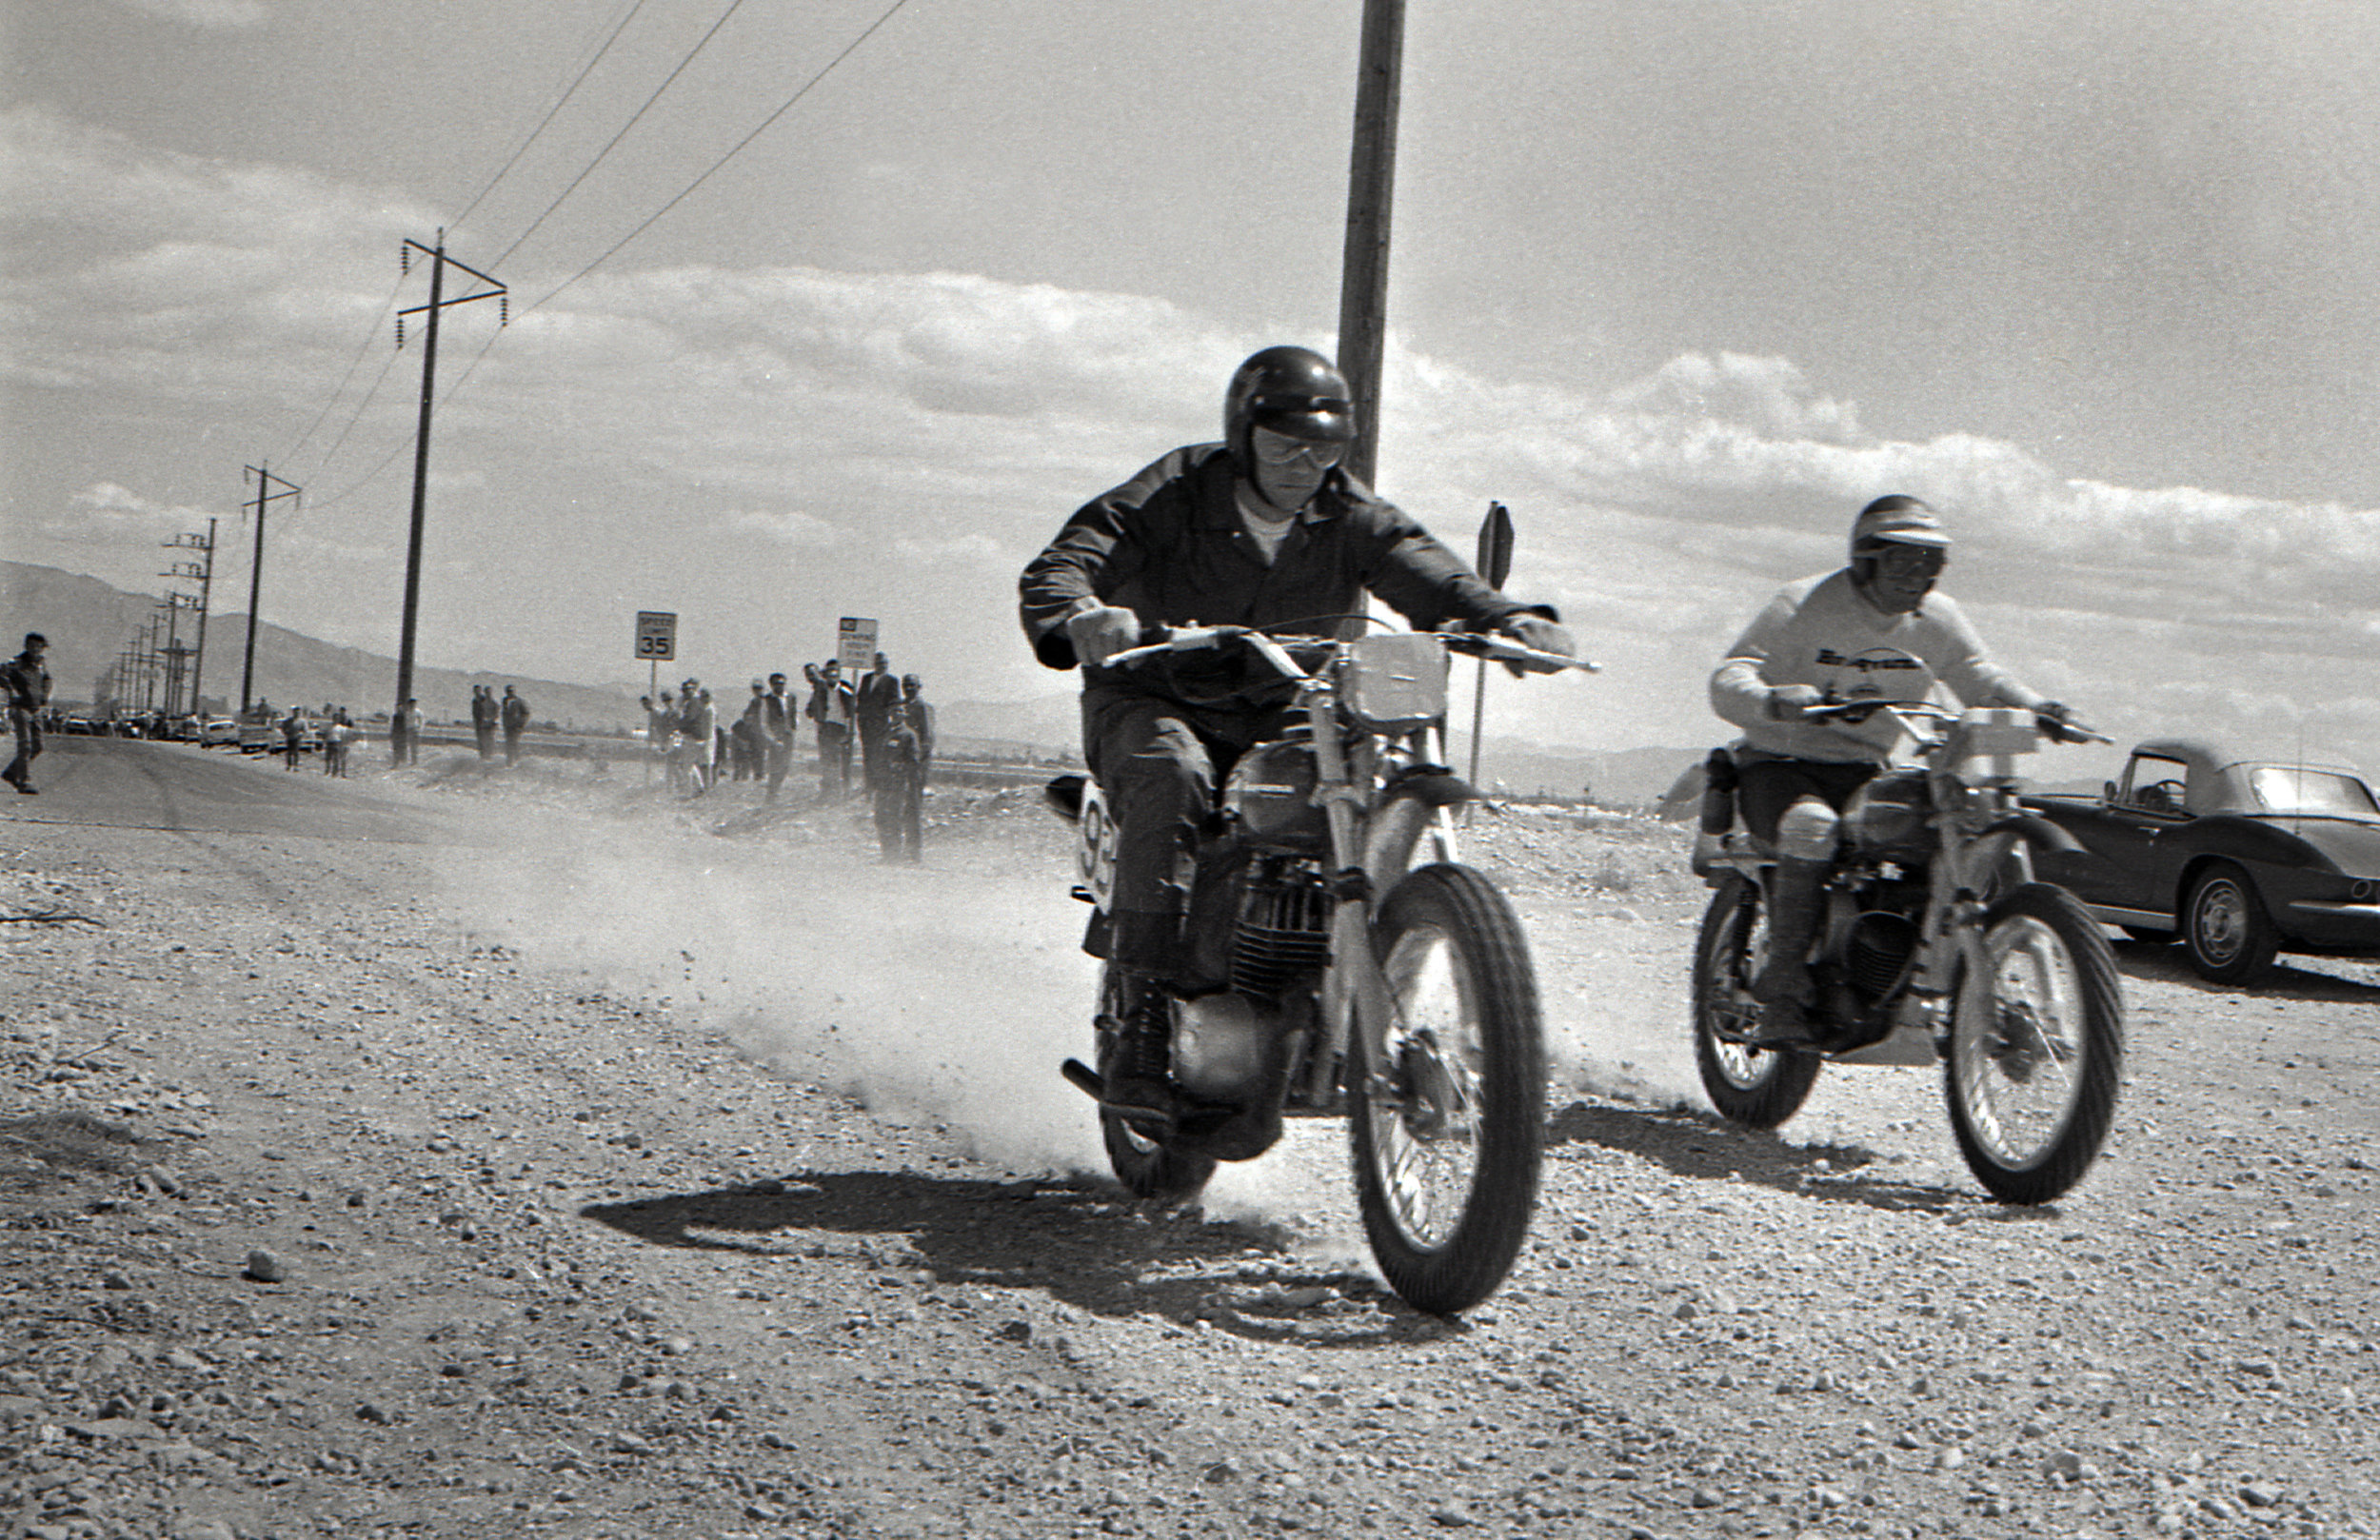 1968-inaugural-mint-400-race-02.jpg